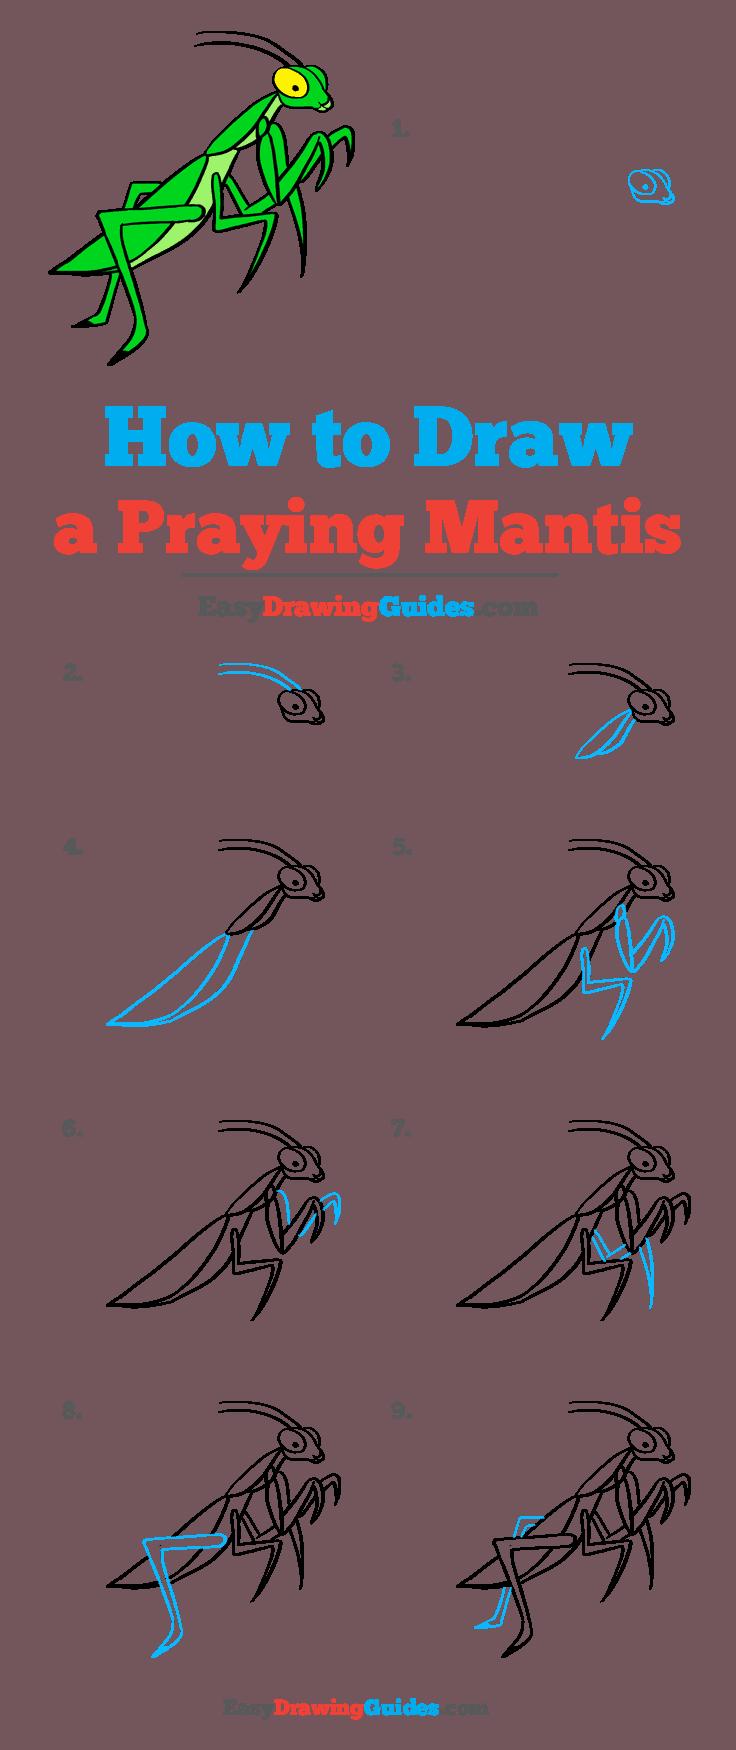 How to Draw Praying Mantis